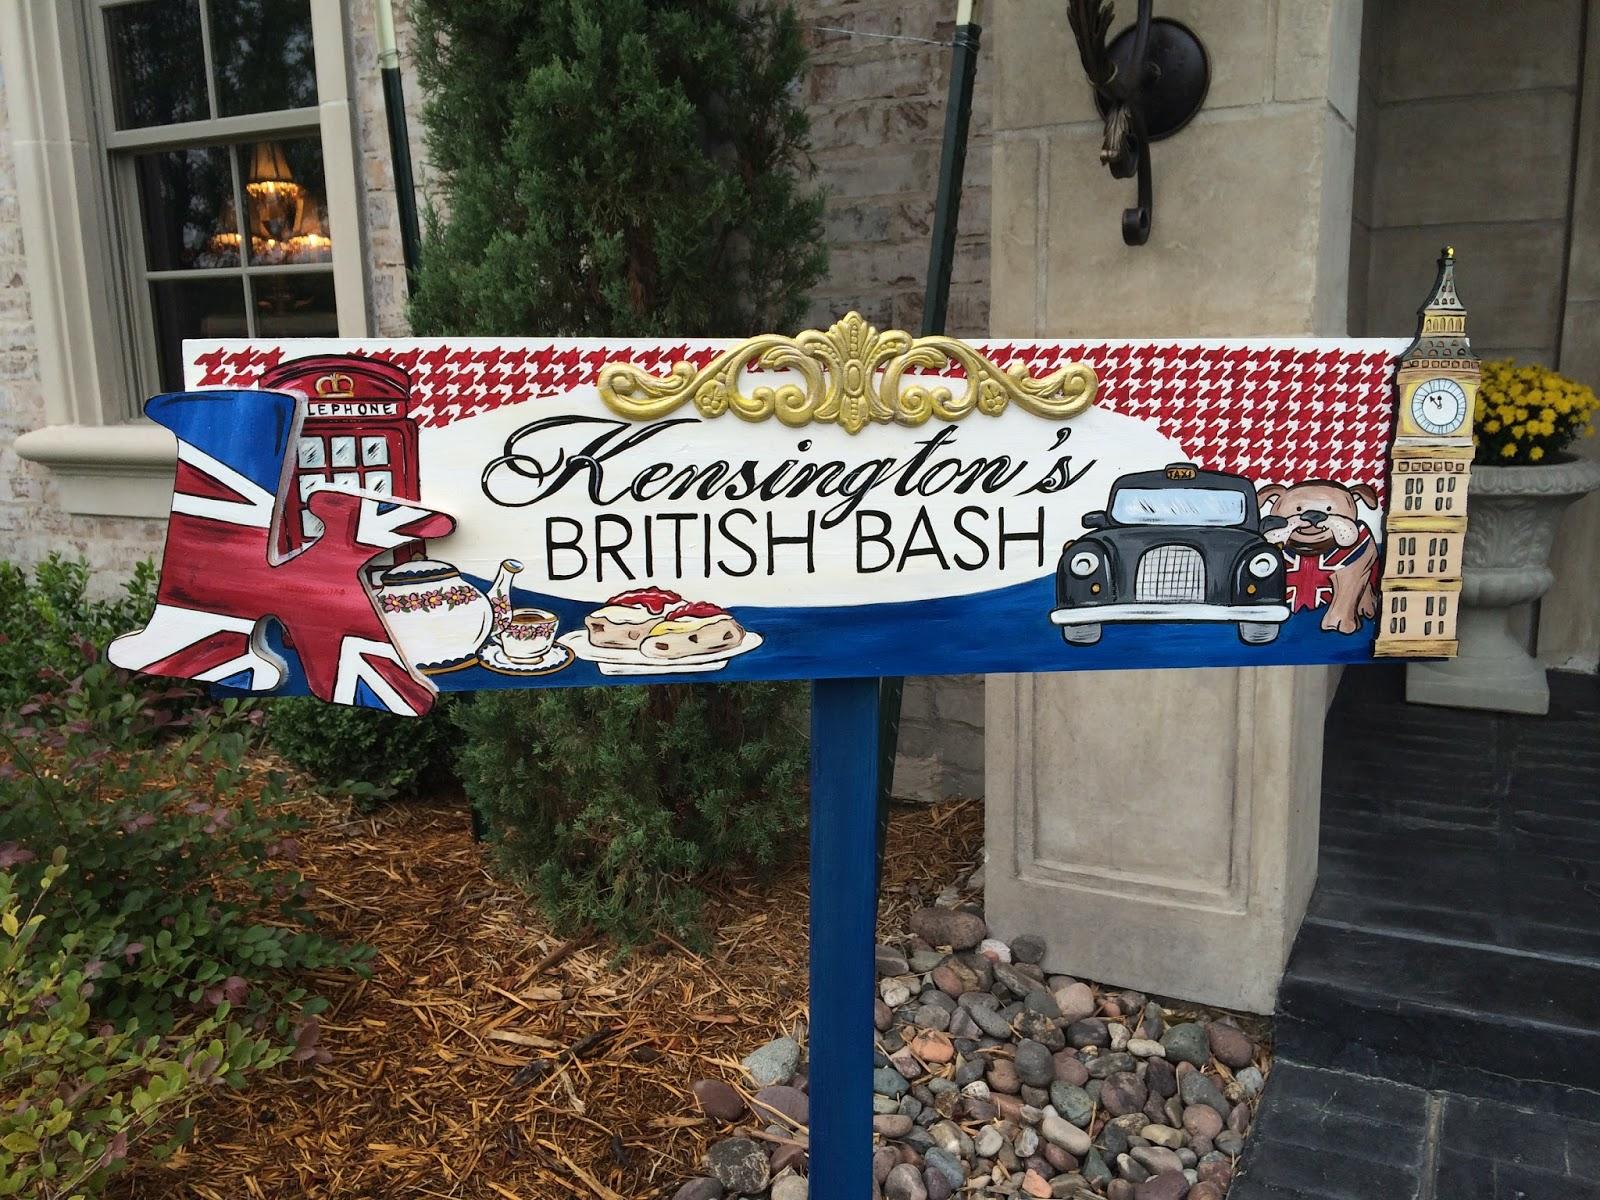 , Kensington's British Bash!